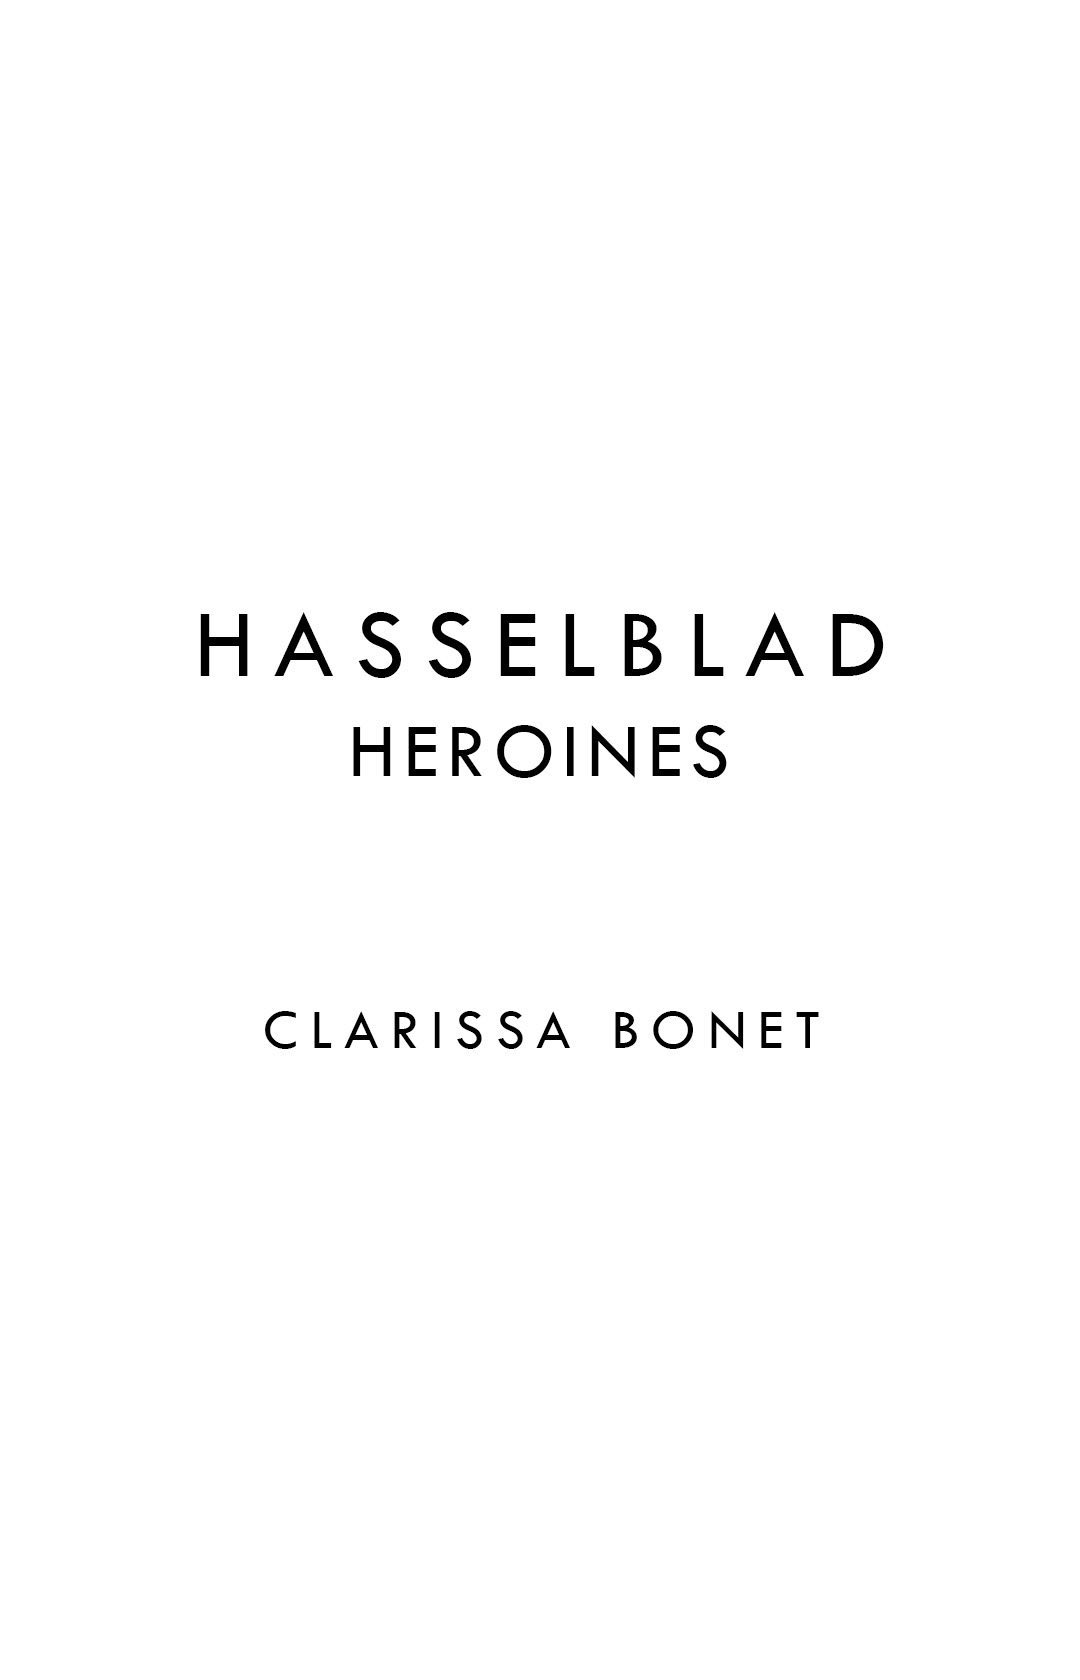 @hasselblad Instagram Analytics